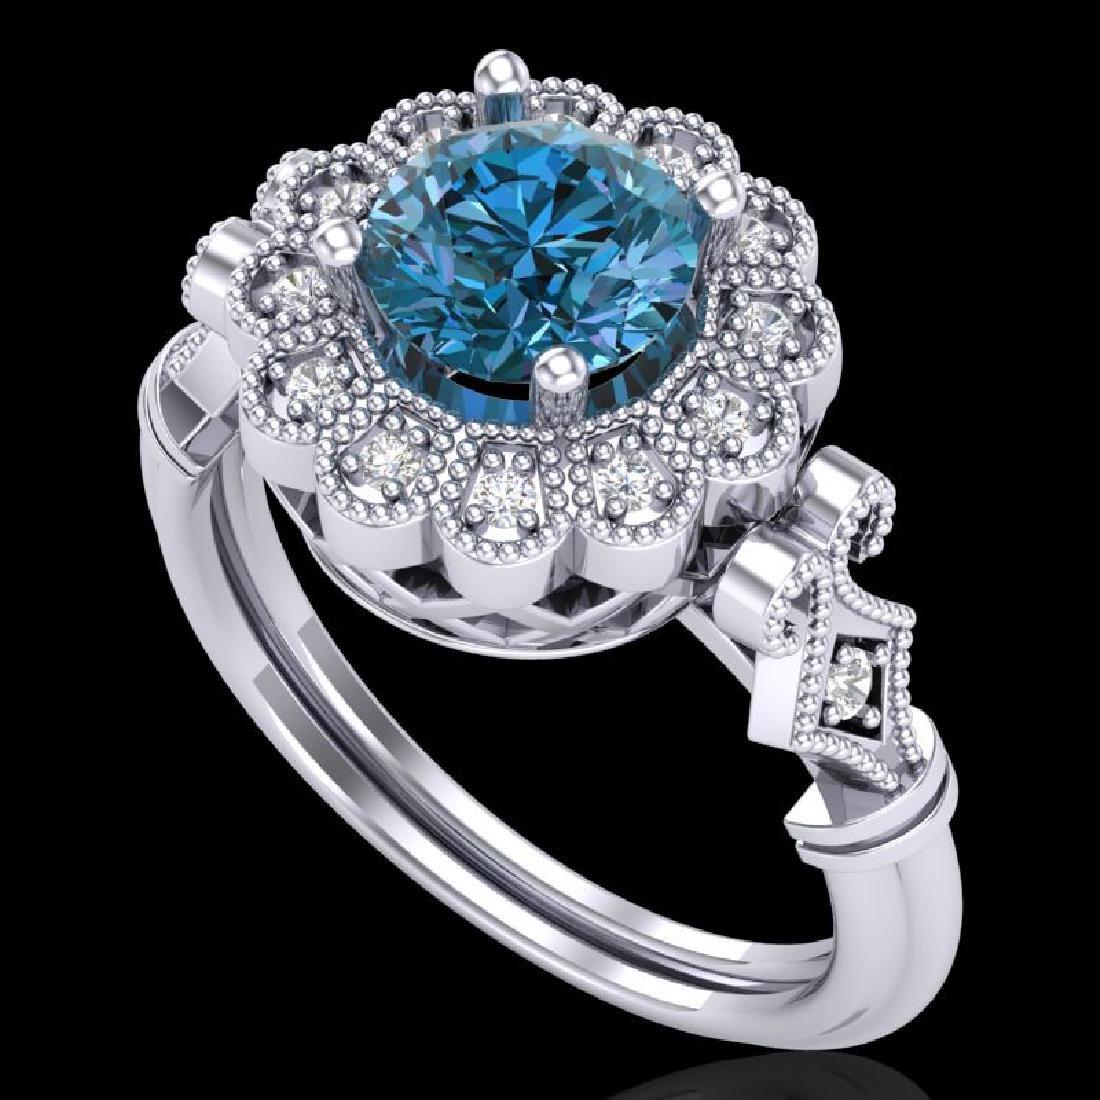 1.2 CTW Intense Blue Diamond Solitaire Engagement Art